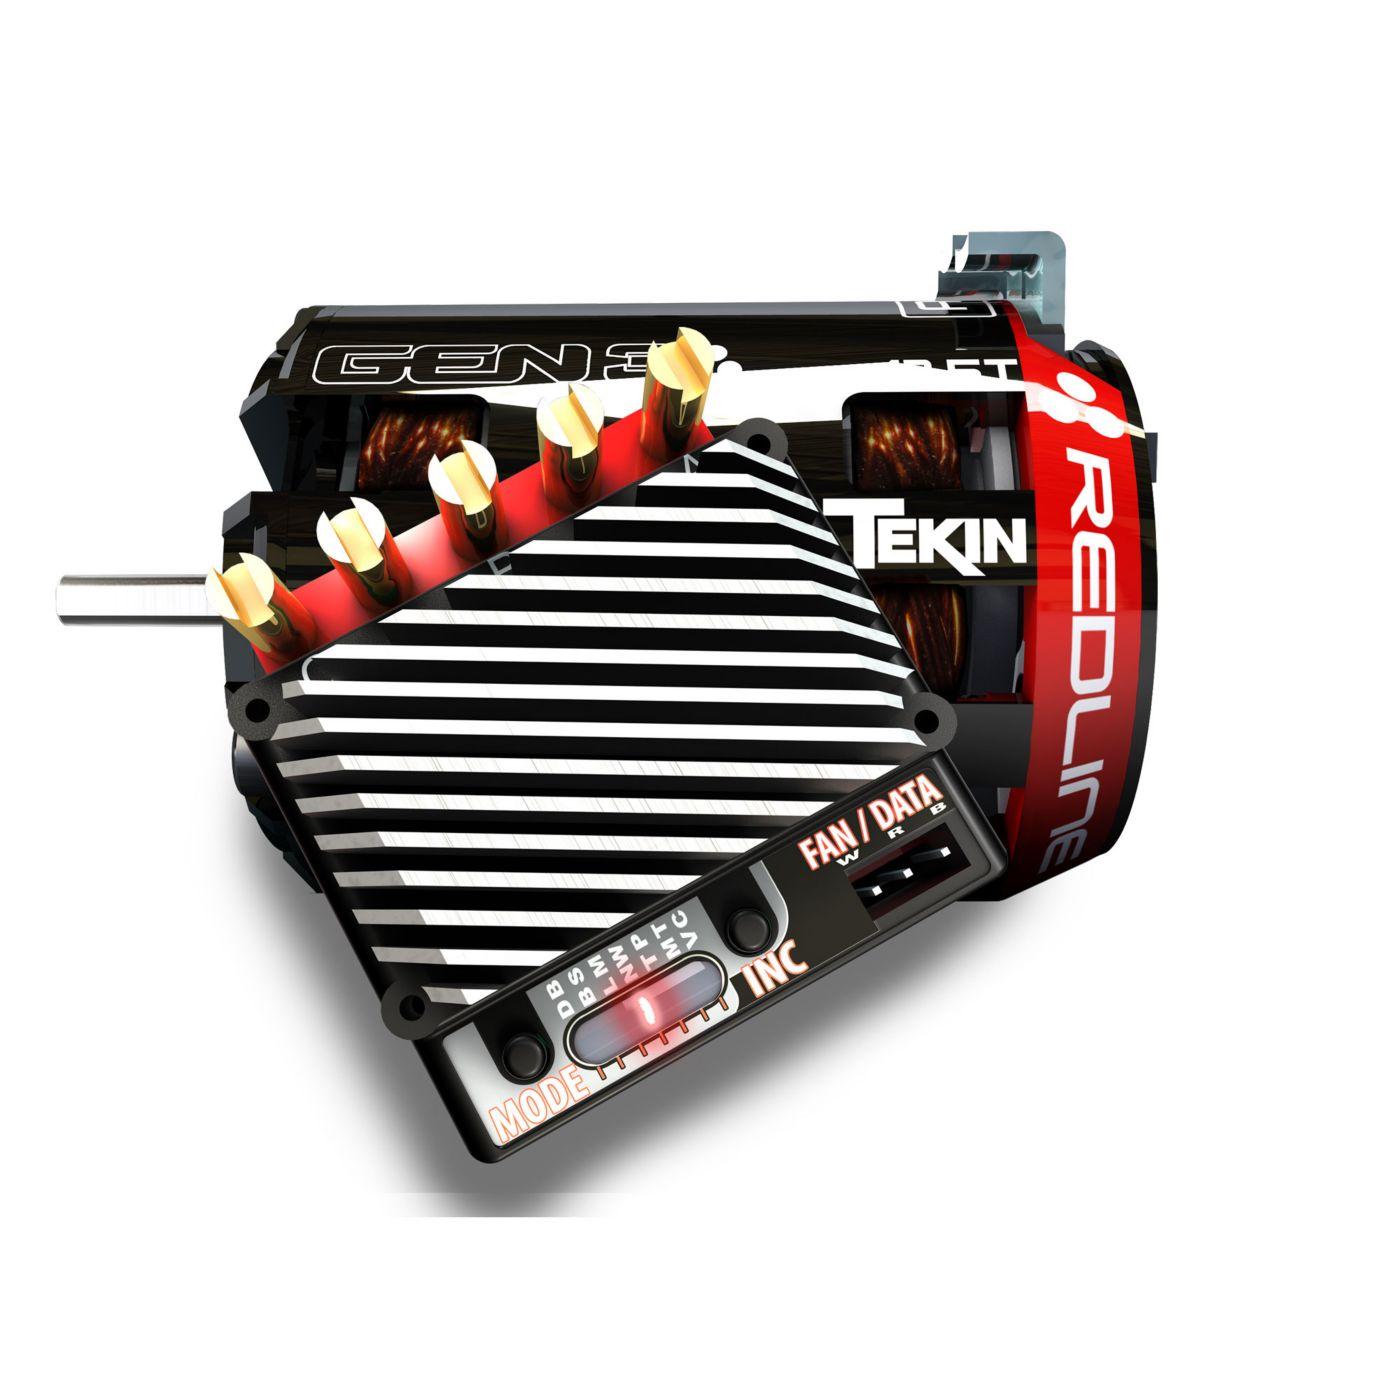 RSX ESC, 7.5T Gen3 Sensored Brushless Motor System  (TEKTT2751)